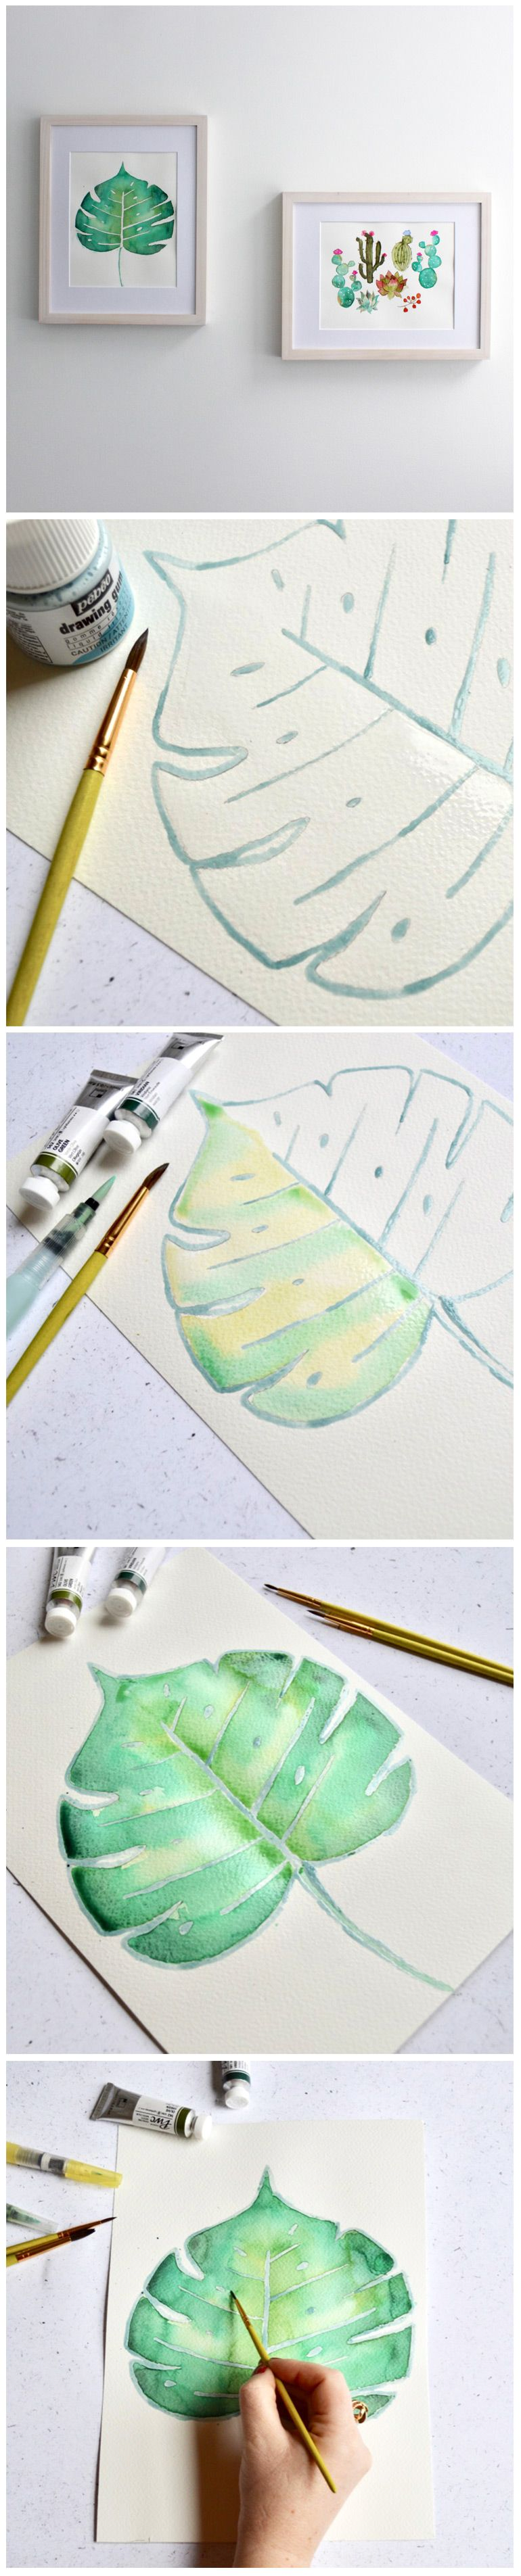 Watercolour Technique Wet On Wet Technique D Aquarelle